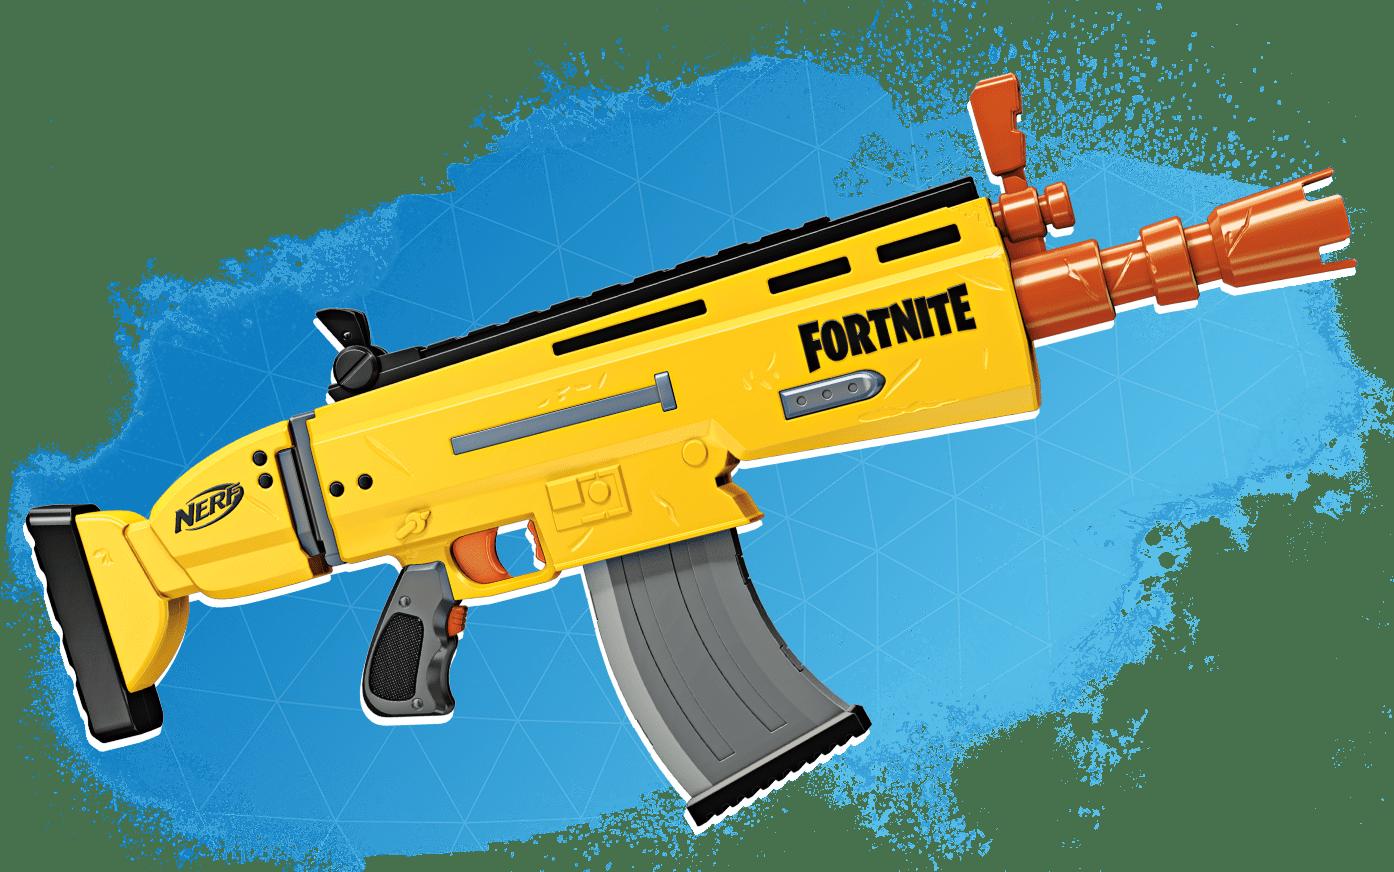 Scar Fortnite Sound Fortnite Nerf Guns All Currently Available Hasbro Fortnite Nerf Guns